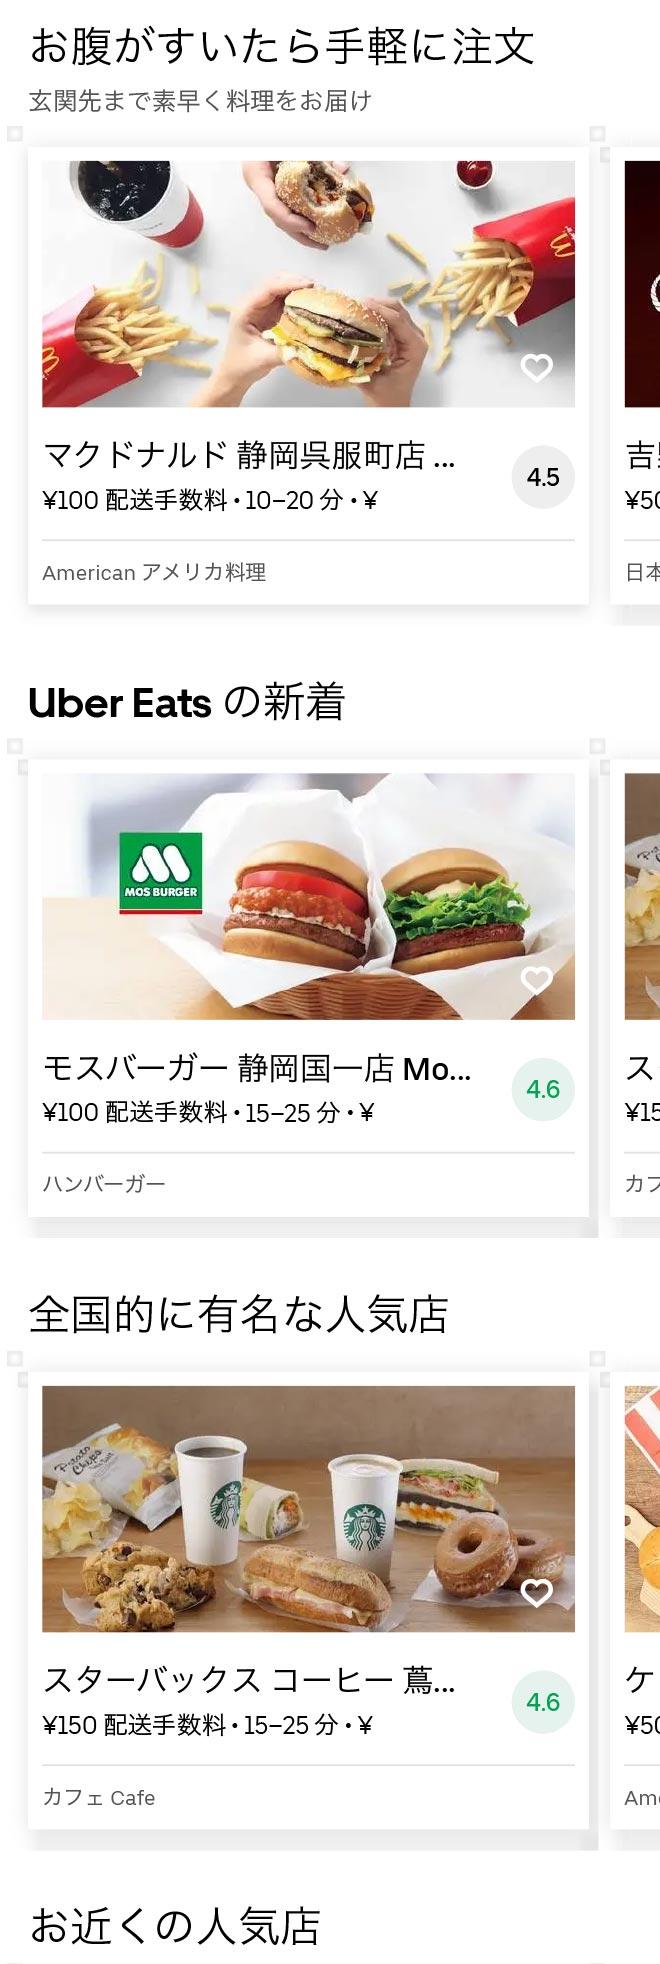 Shizuoka menu 2010 01